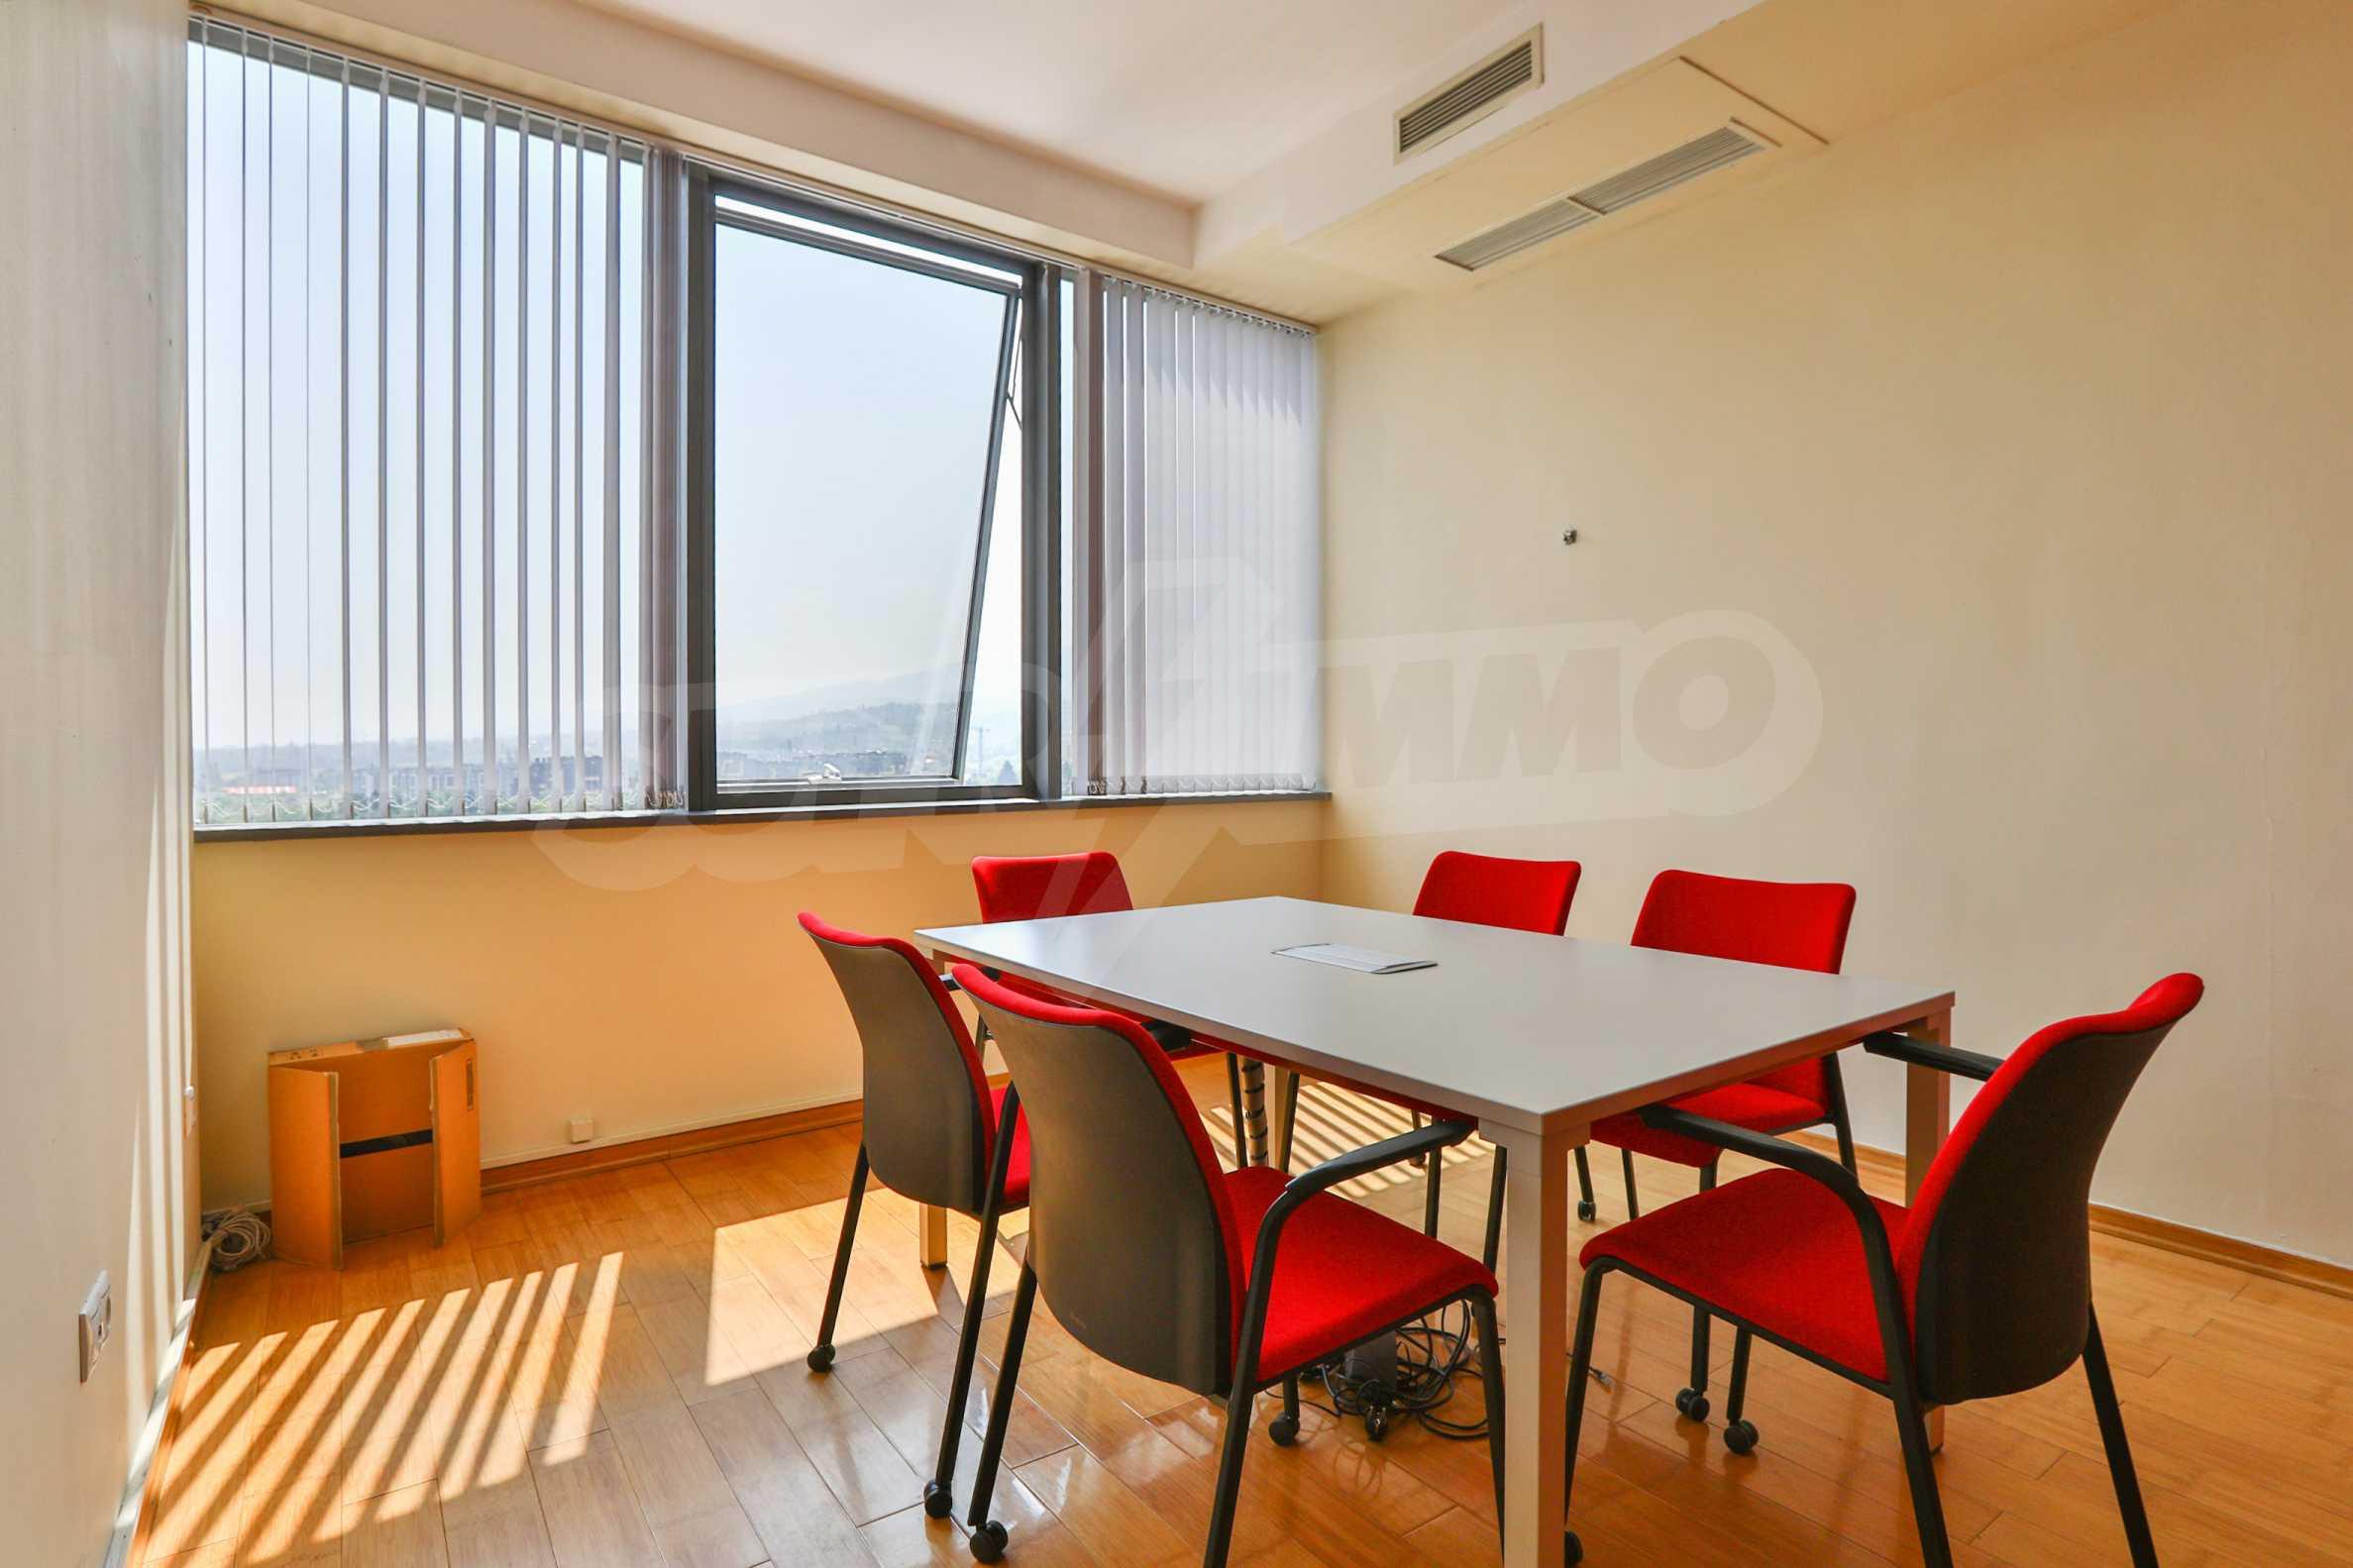 Офис с паркомясто в луксозната Бизнес сграда Белисимо, кв. Манастирски ливади 5